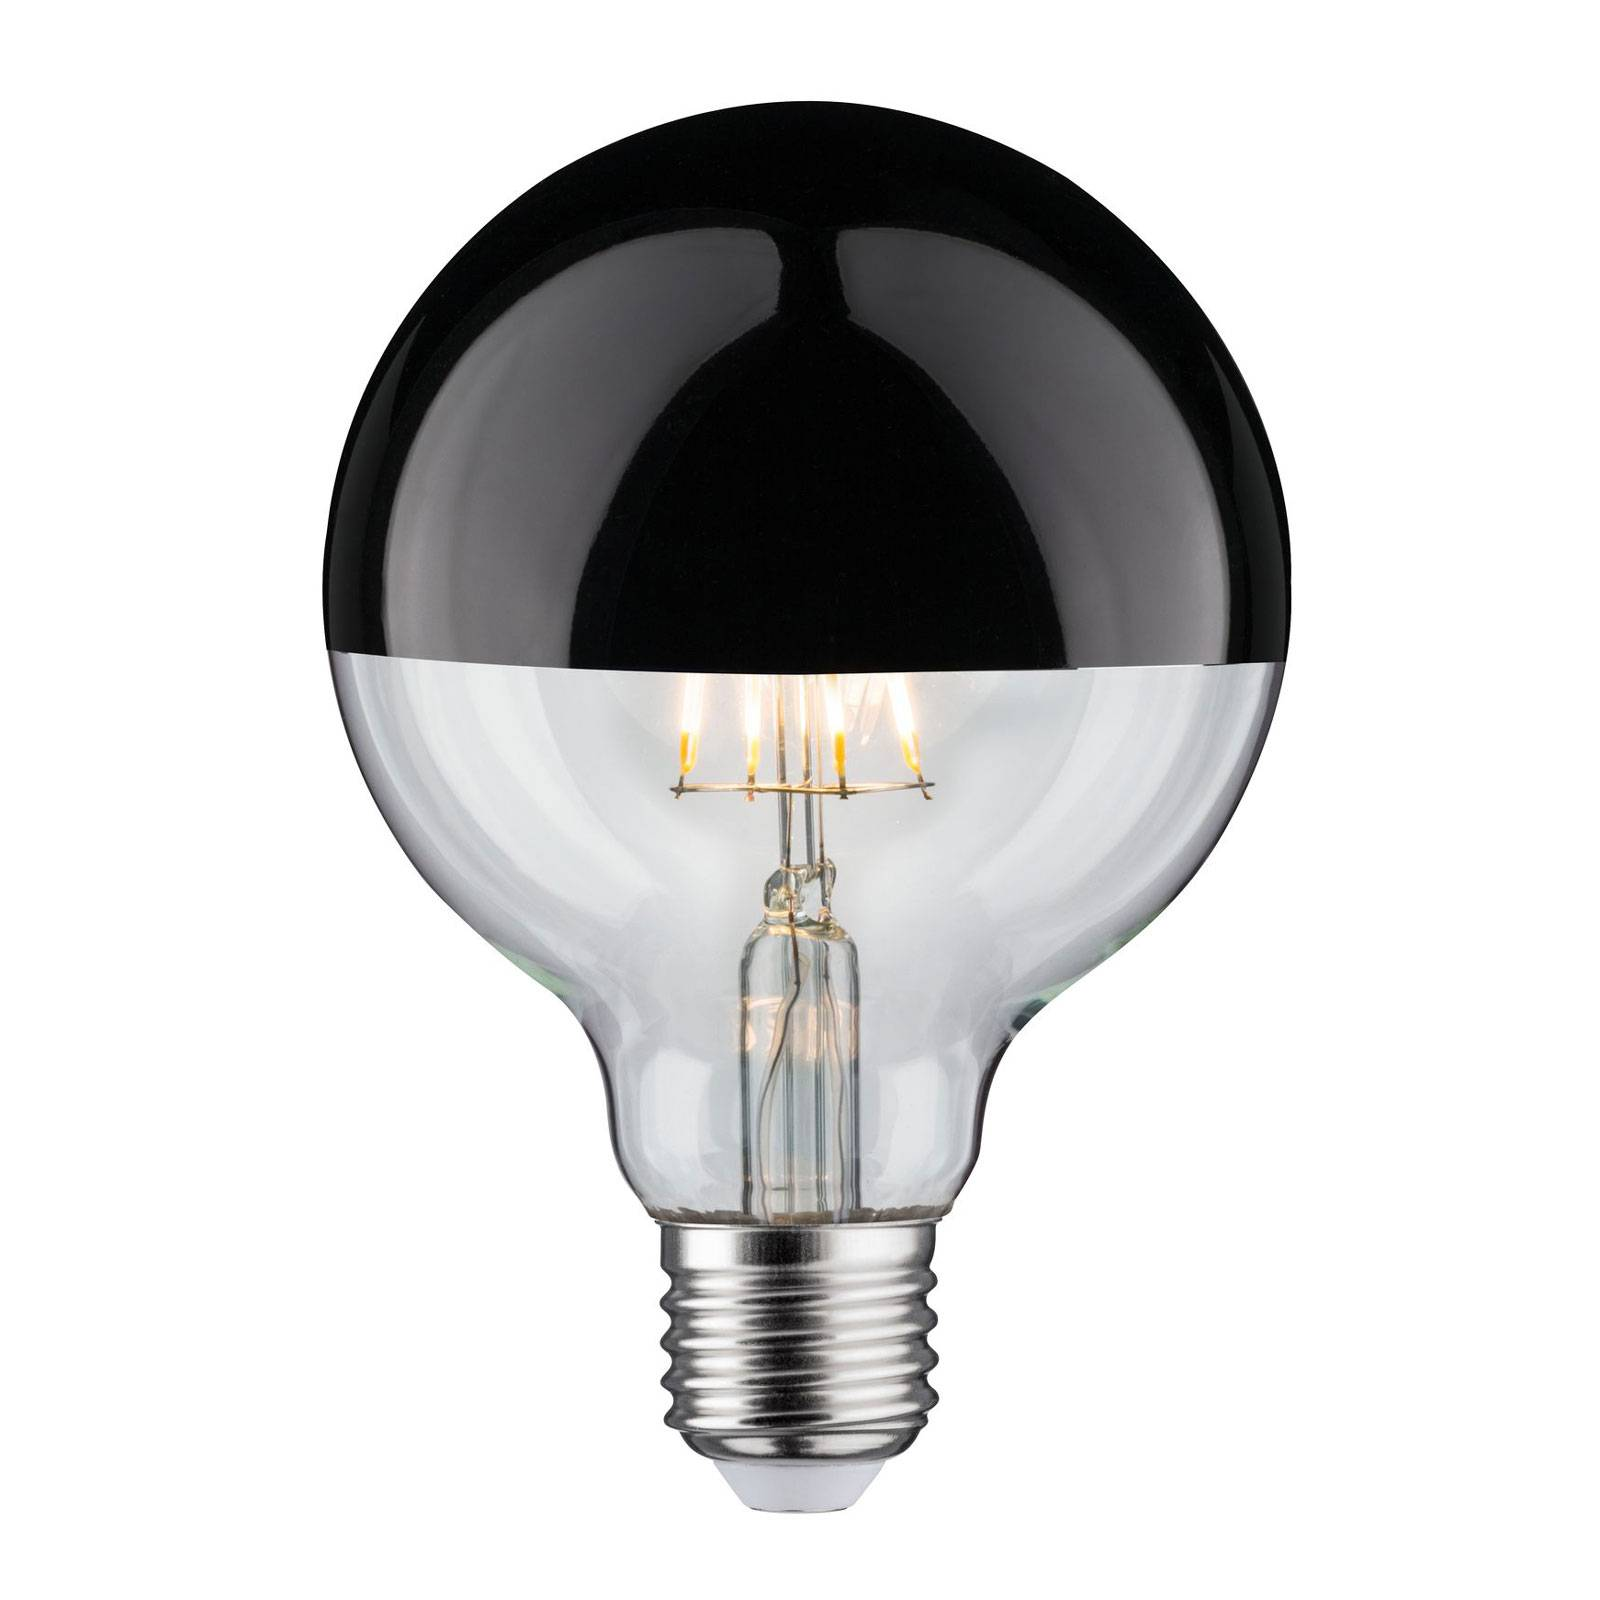 LED-lamppu E27 827 6,5W pääpeili, musta kromi